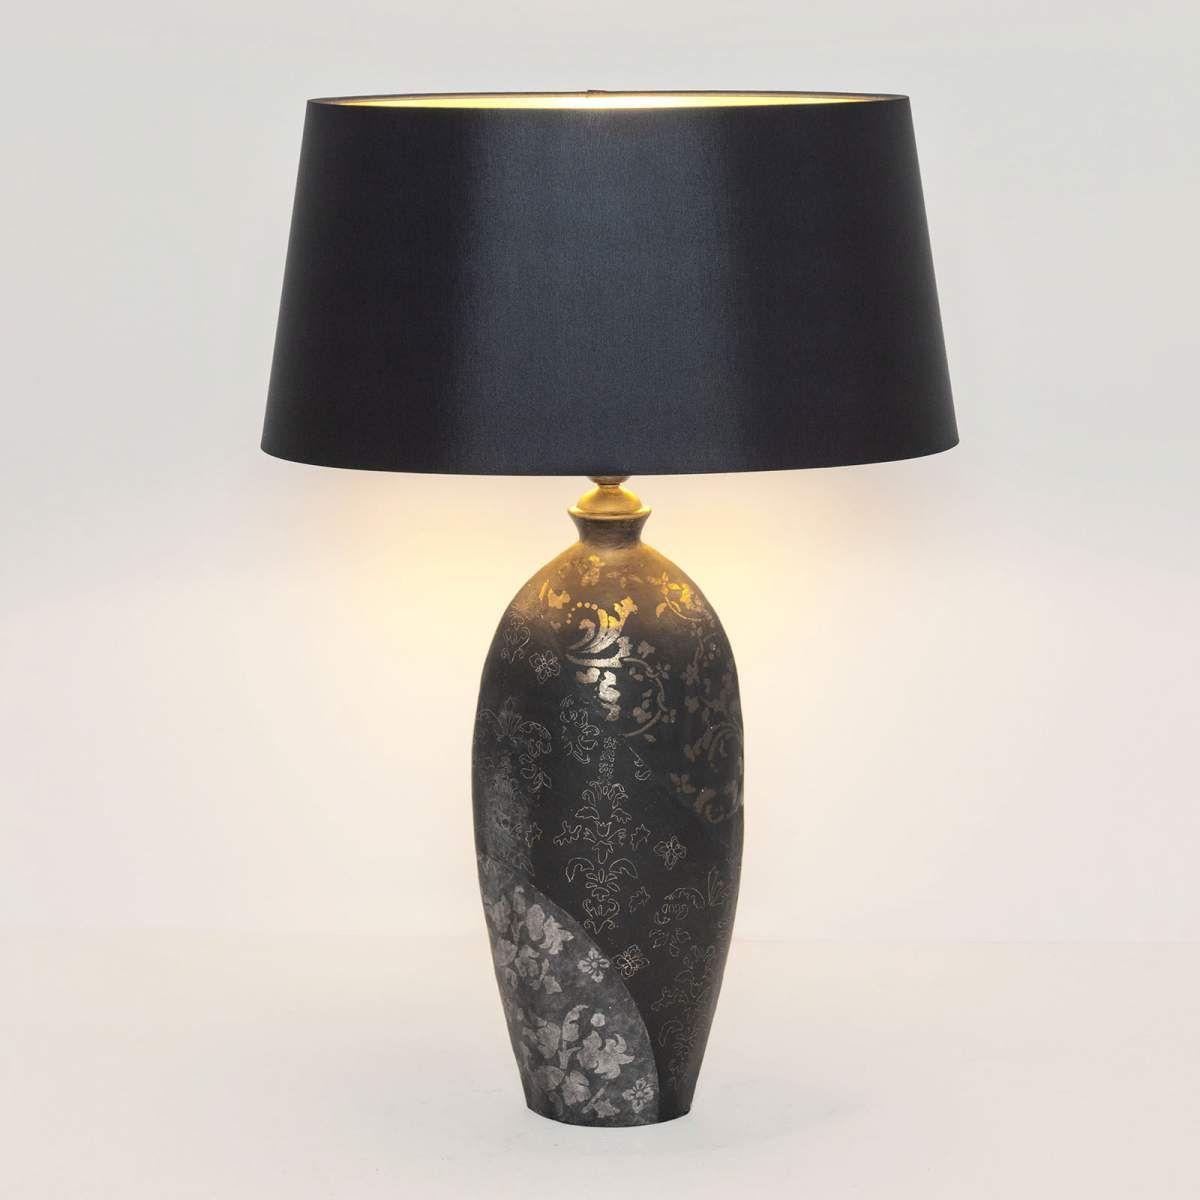 Moderne Tischlampe Mary Von J Hollander Schwarz Tischleuchte Moderne Tischlampen Und Led Rohren